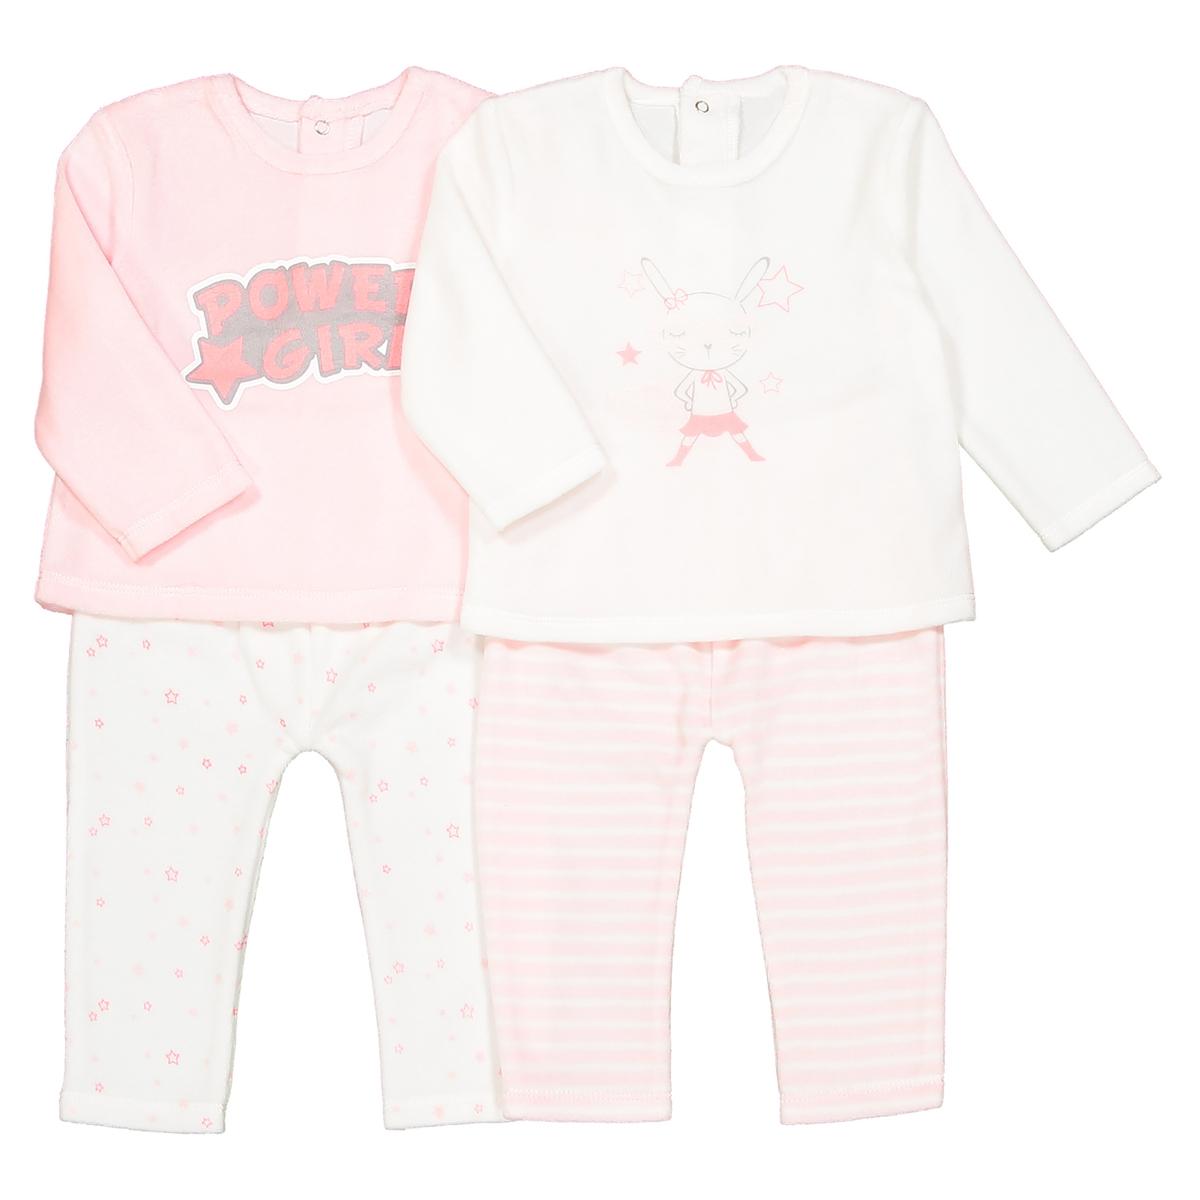 Комплект из 2 пижам из 2 предметов из велюра, 0 мес. - 3 годаОписание:Комплект из 2 пижам из велюра. 2 замечательные пижамы мягких расцветок, идеальные для маленьких девочек. Детали •  Комплект из 2 пижам, верх с набивным рисунком. 1 пижама с брюками в полоску + 1 пижама с брюками с рисунком звезды. •  Длинные рукава. •  Круглый вырез. •  Застежка на кнопки сзади.Состав и уход •  Материал : 75% хлопка, 25% полиэстера. •  Стирать при температуре 30° на деликатном режиме с вещами схожих цветов. •  Стирать и гладить с изнанки при низкой температуре. •  Деликатная сушка в машинке.Товарный знак Oeko-Tex® . Знак Oeko-Tex® гарантирует, что товары прошли проверку и были изготовлены без применения вредных для здоровья человека веществ.<br><br>Цвет: розовый + экрю<br>Размер: 1 мес. - 54 см.3 мес. - 60 см.2 года - 86 см.18 мес. - 81 см.9 мес. - 71 см.6 мес. - 67 см.1 год - 74 см.0 мес. - 50 см.3 года - 94 см